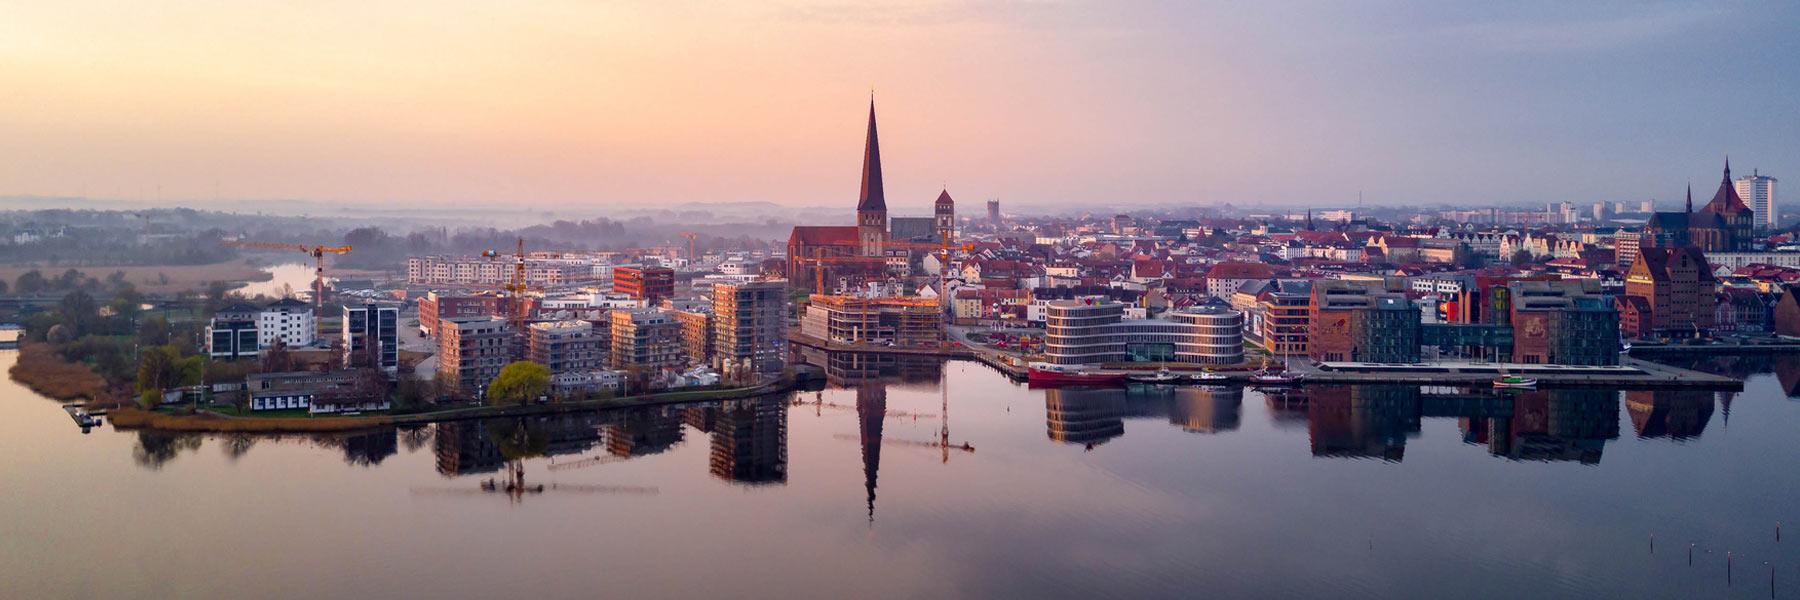 Luftbild - Hansestadt Rostock